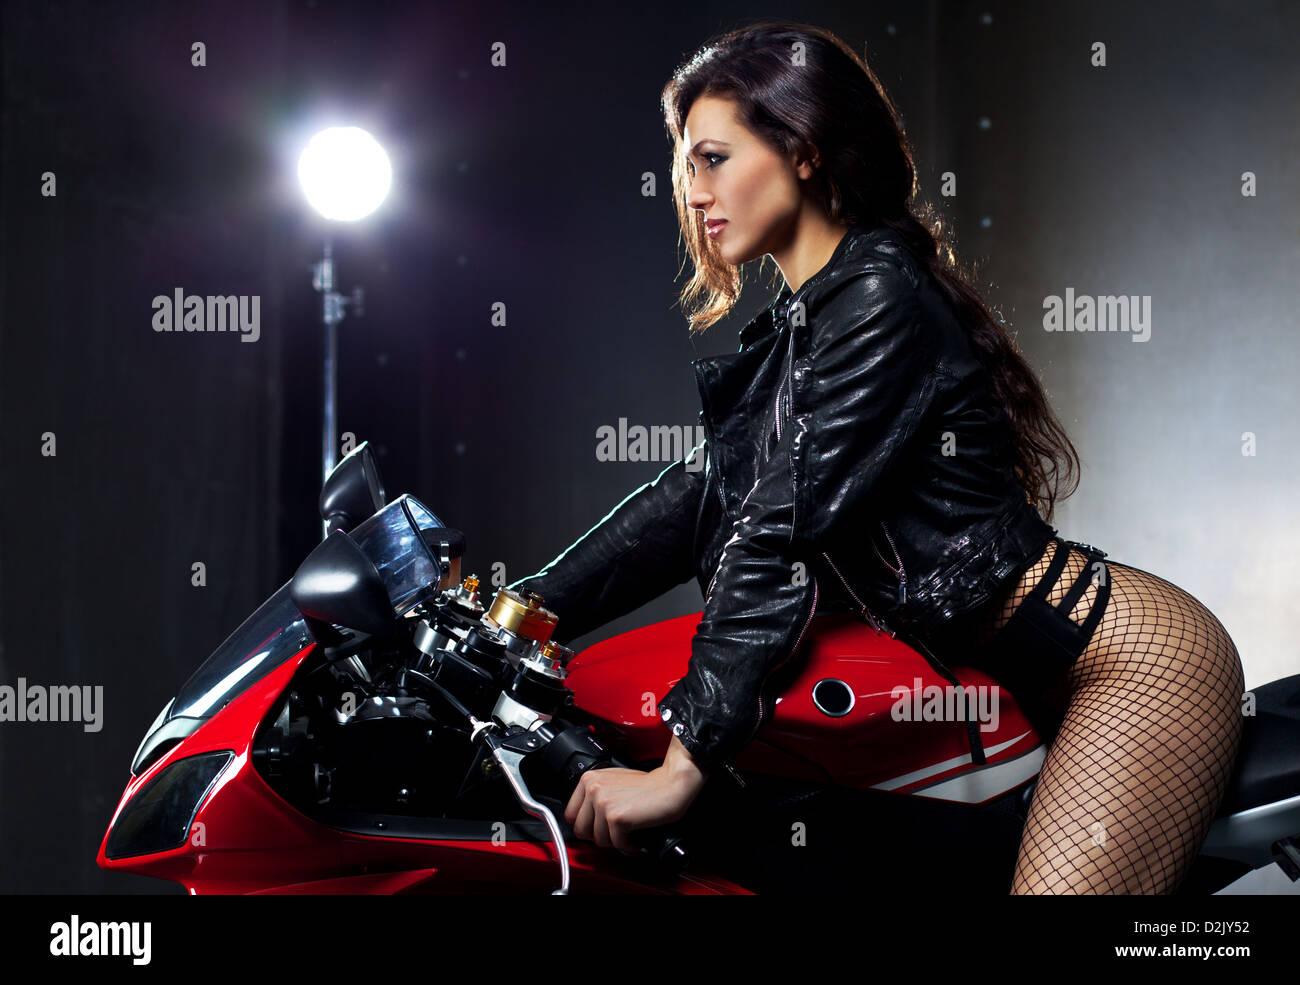 galerie der sexy frauen motorrad